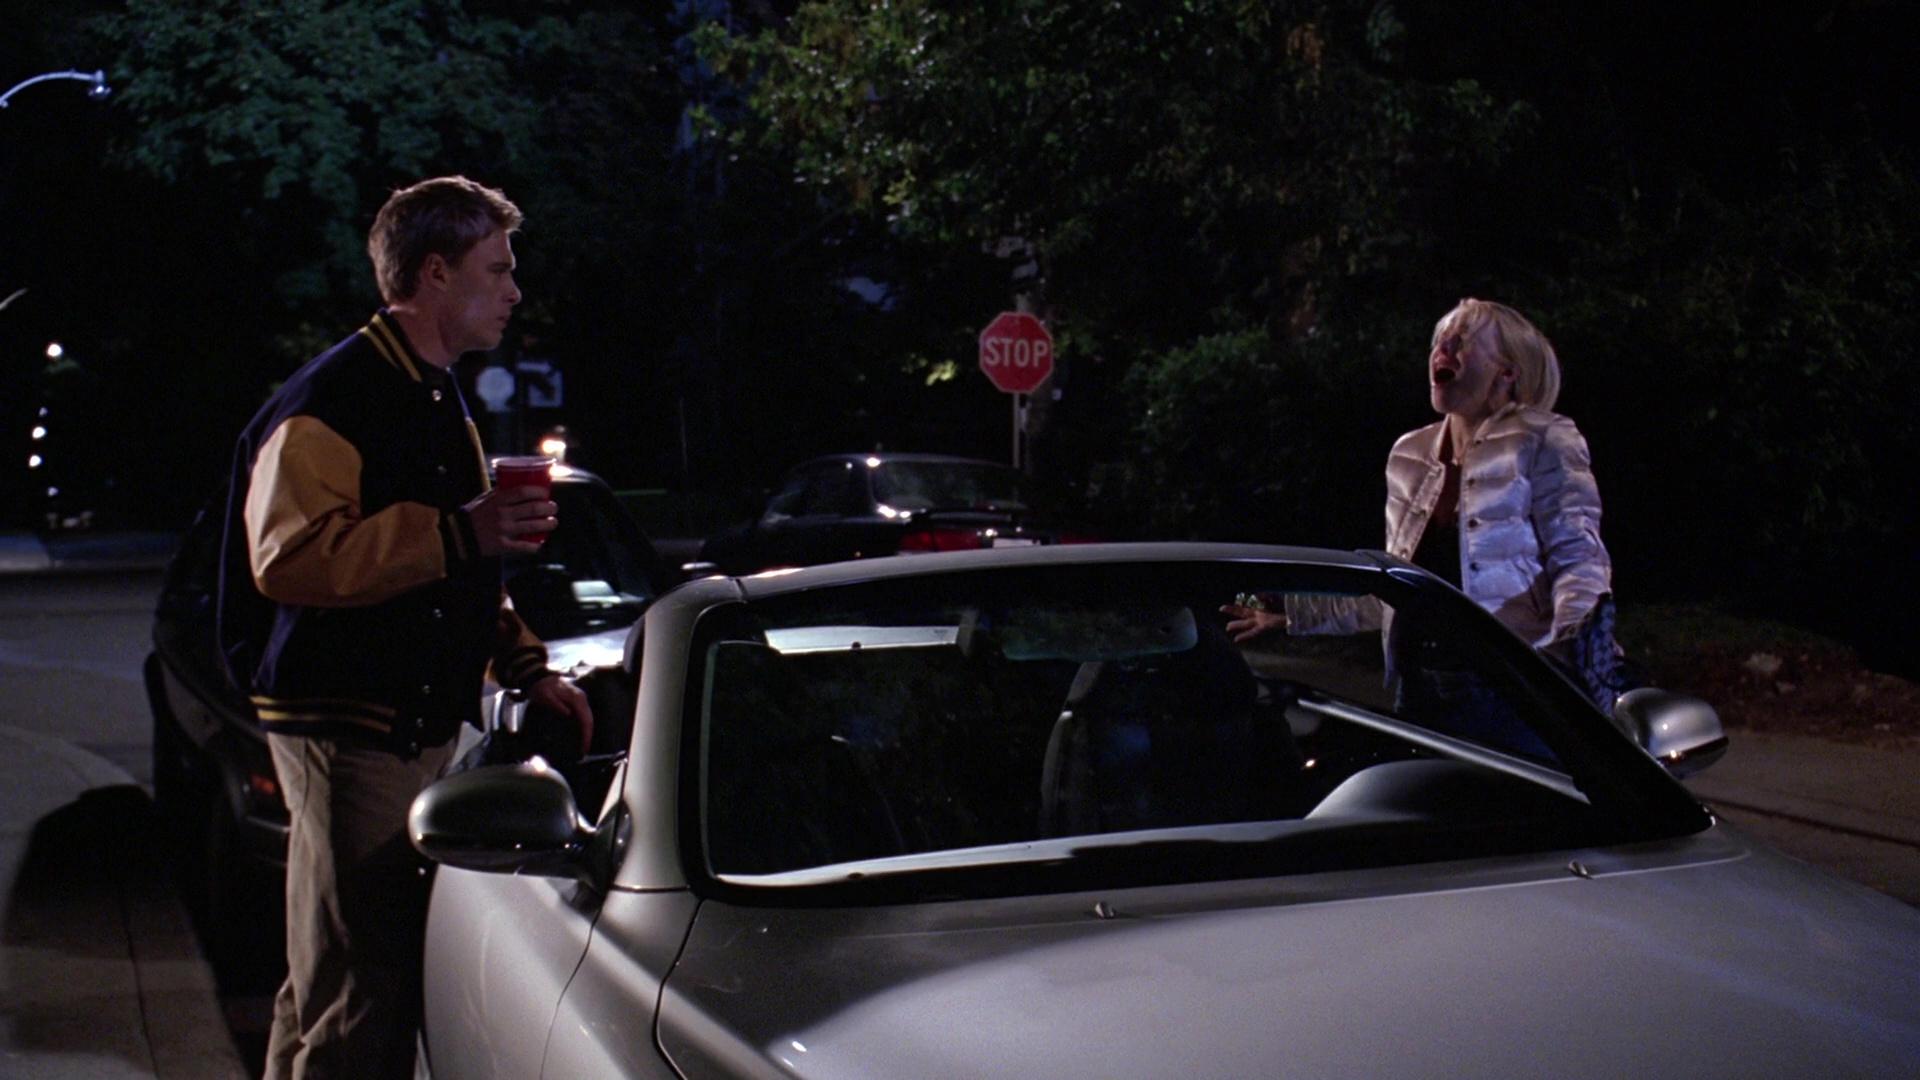 Lexus Sc 430 Car Used By Rachel Mcadams In Mean Girls 2004 Movie